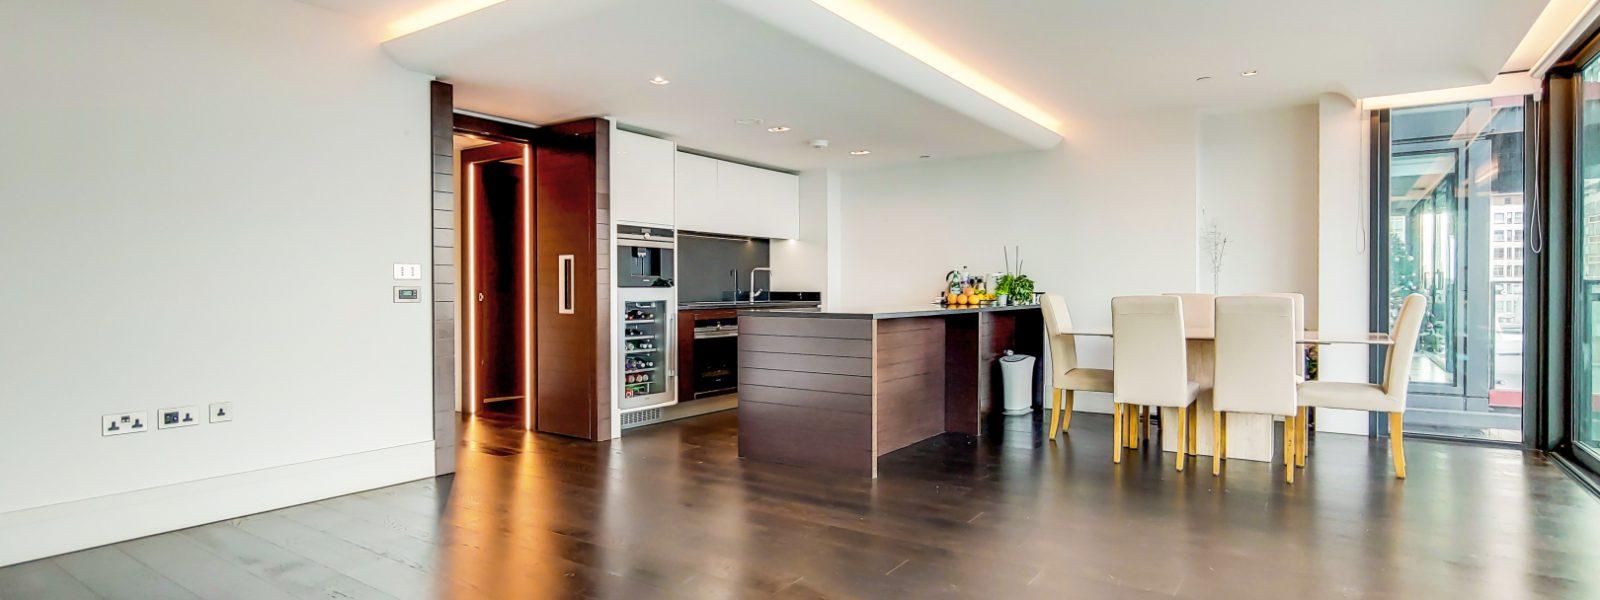 4_Kitchen-Reception-1